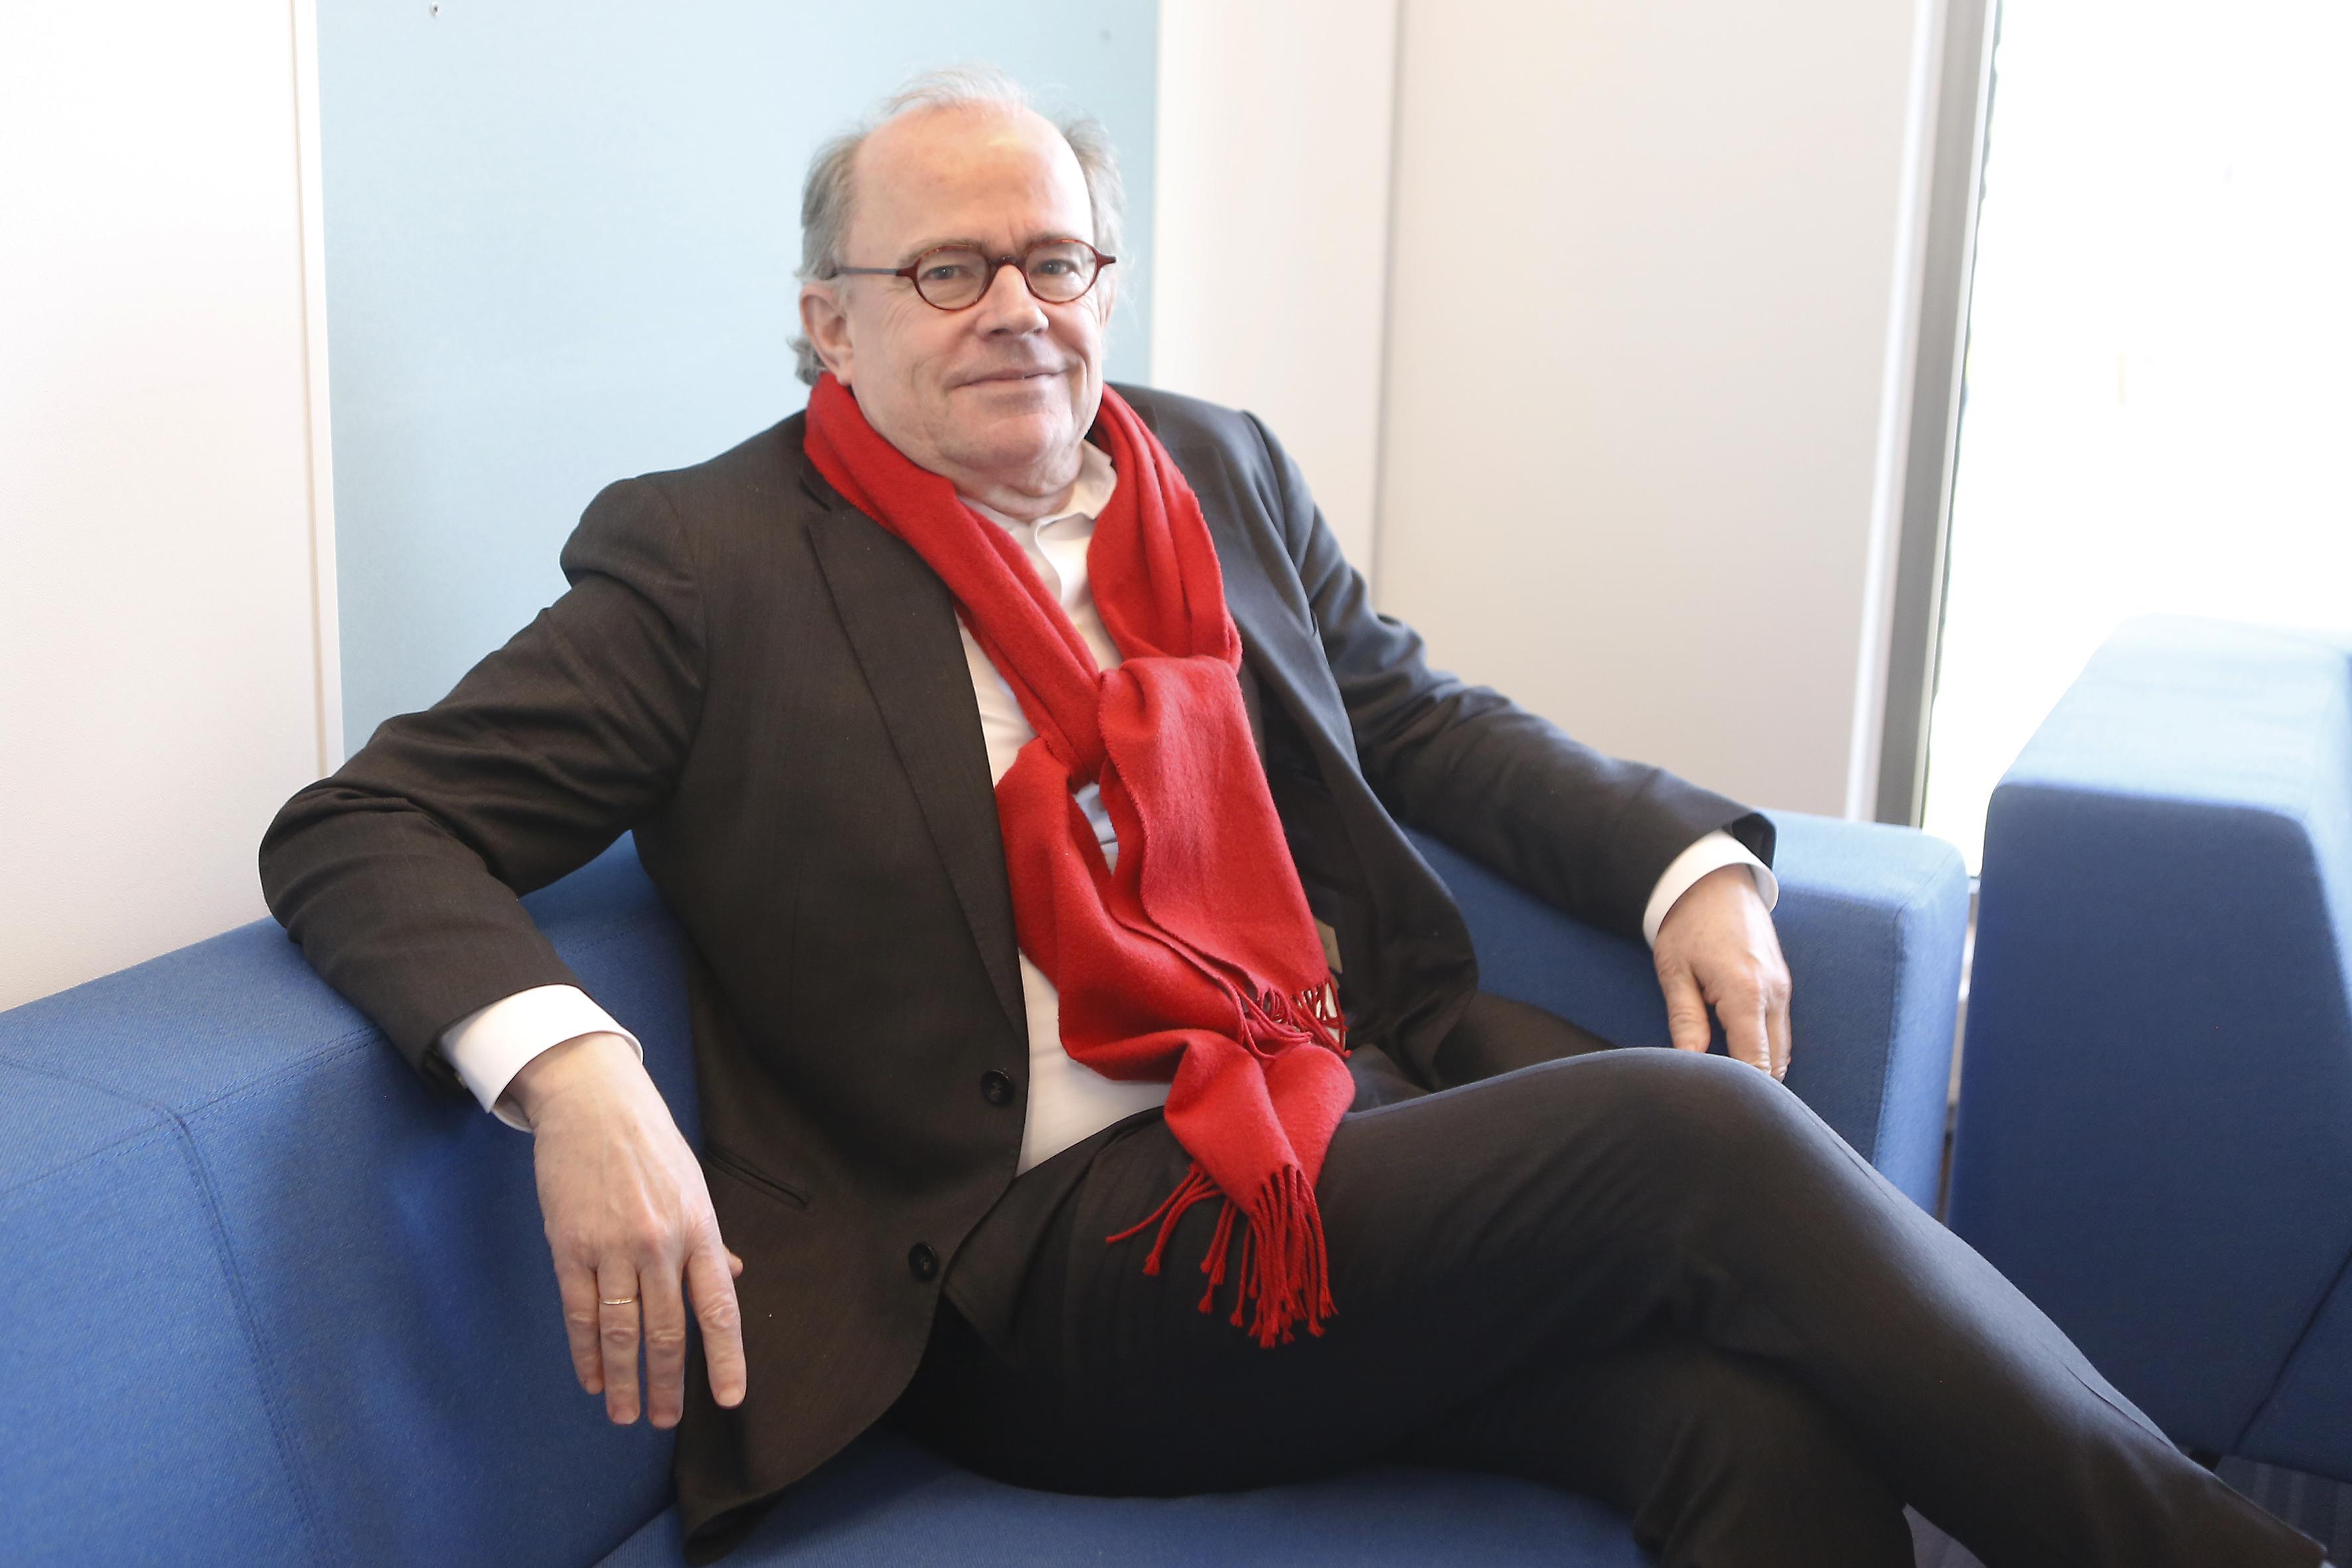 'Ik wil niemand verketteren, ik wil wél iedereen bij de les houden'; Gooise GGD-directeur René Stumpel is verbijsterd over oprekken van grenzen door winkelend publiek en grote bedrijven